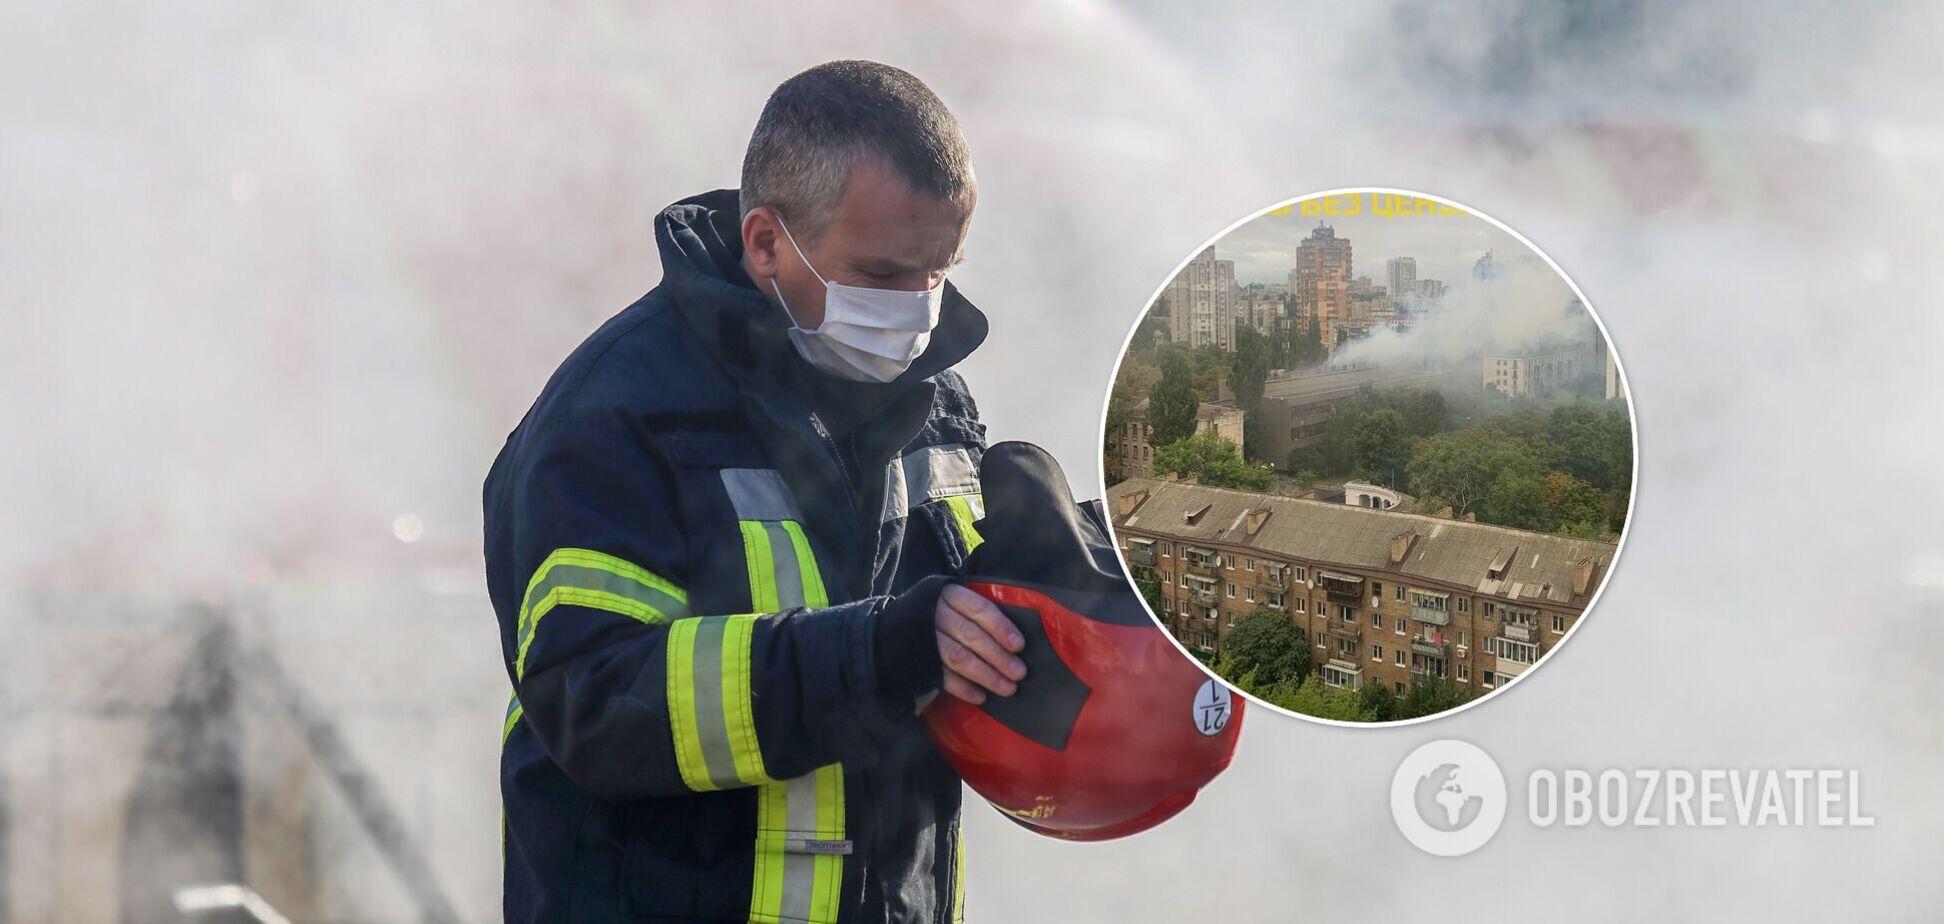 Благодаря действиям пожарных здание удалось спасти